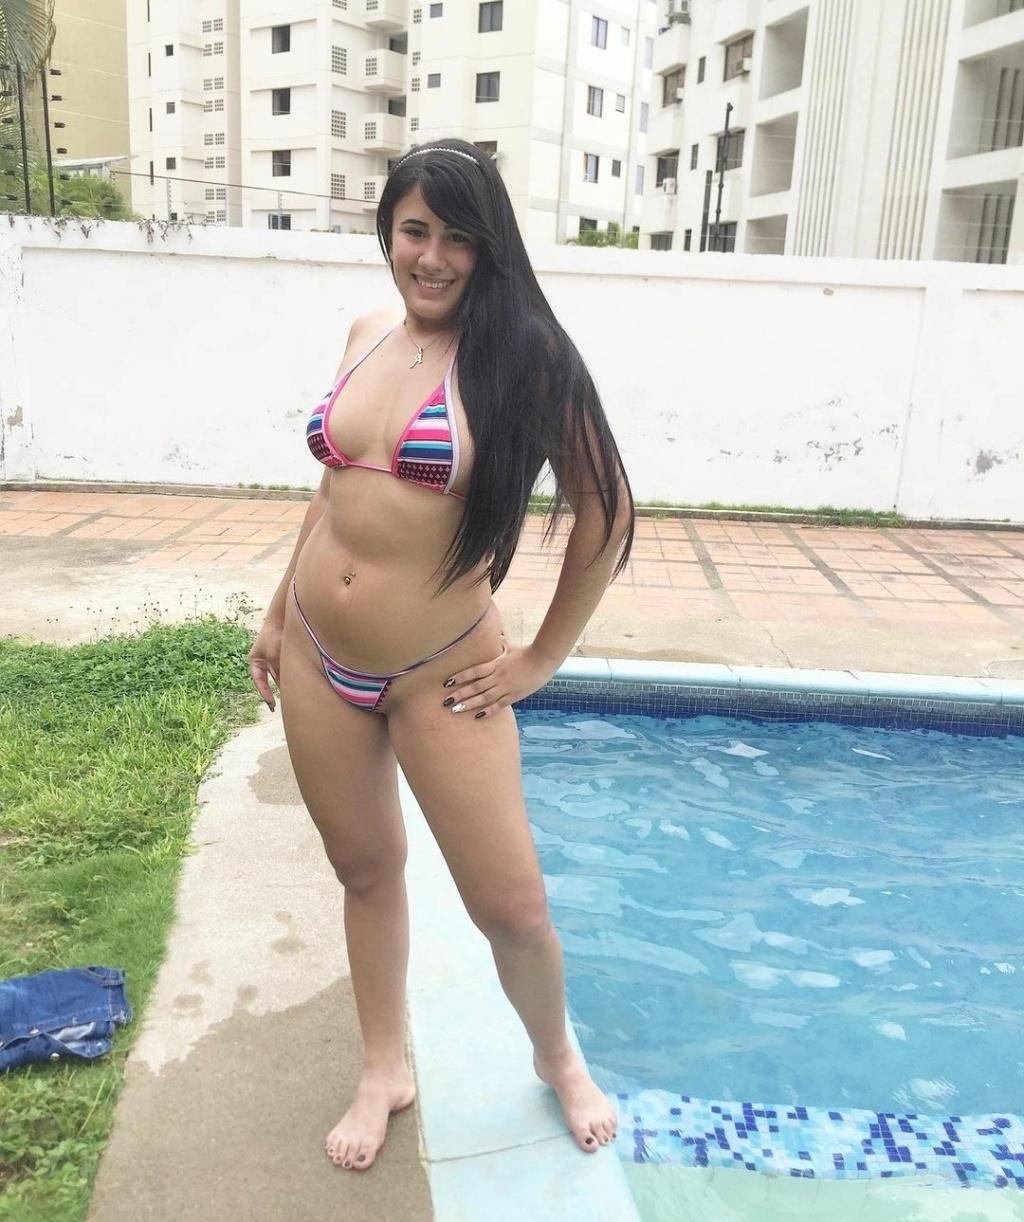 DEBATE sobre belleza, guapura y hermosura (fotos de chicas latinas, mestizas, y de todo) - VOL II - Página 3 Img_1066